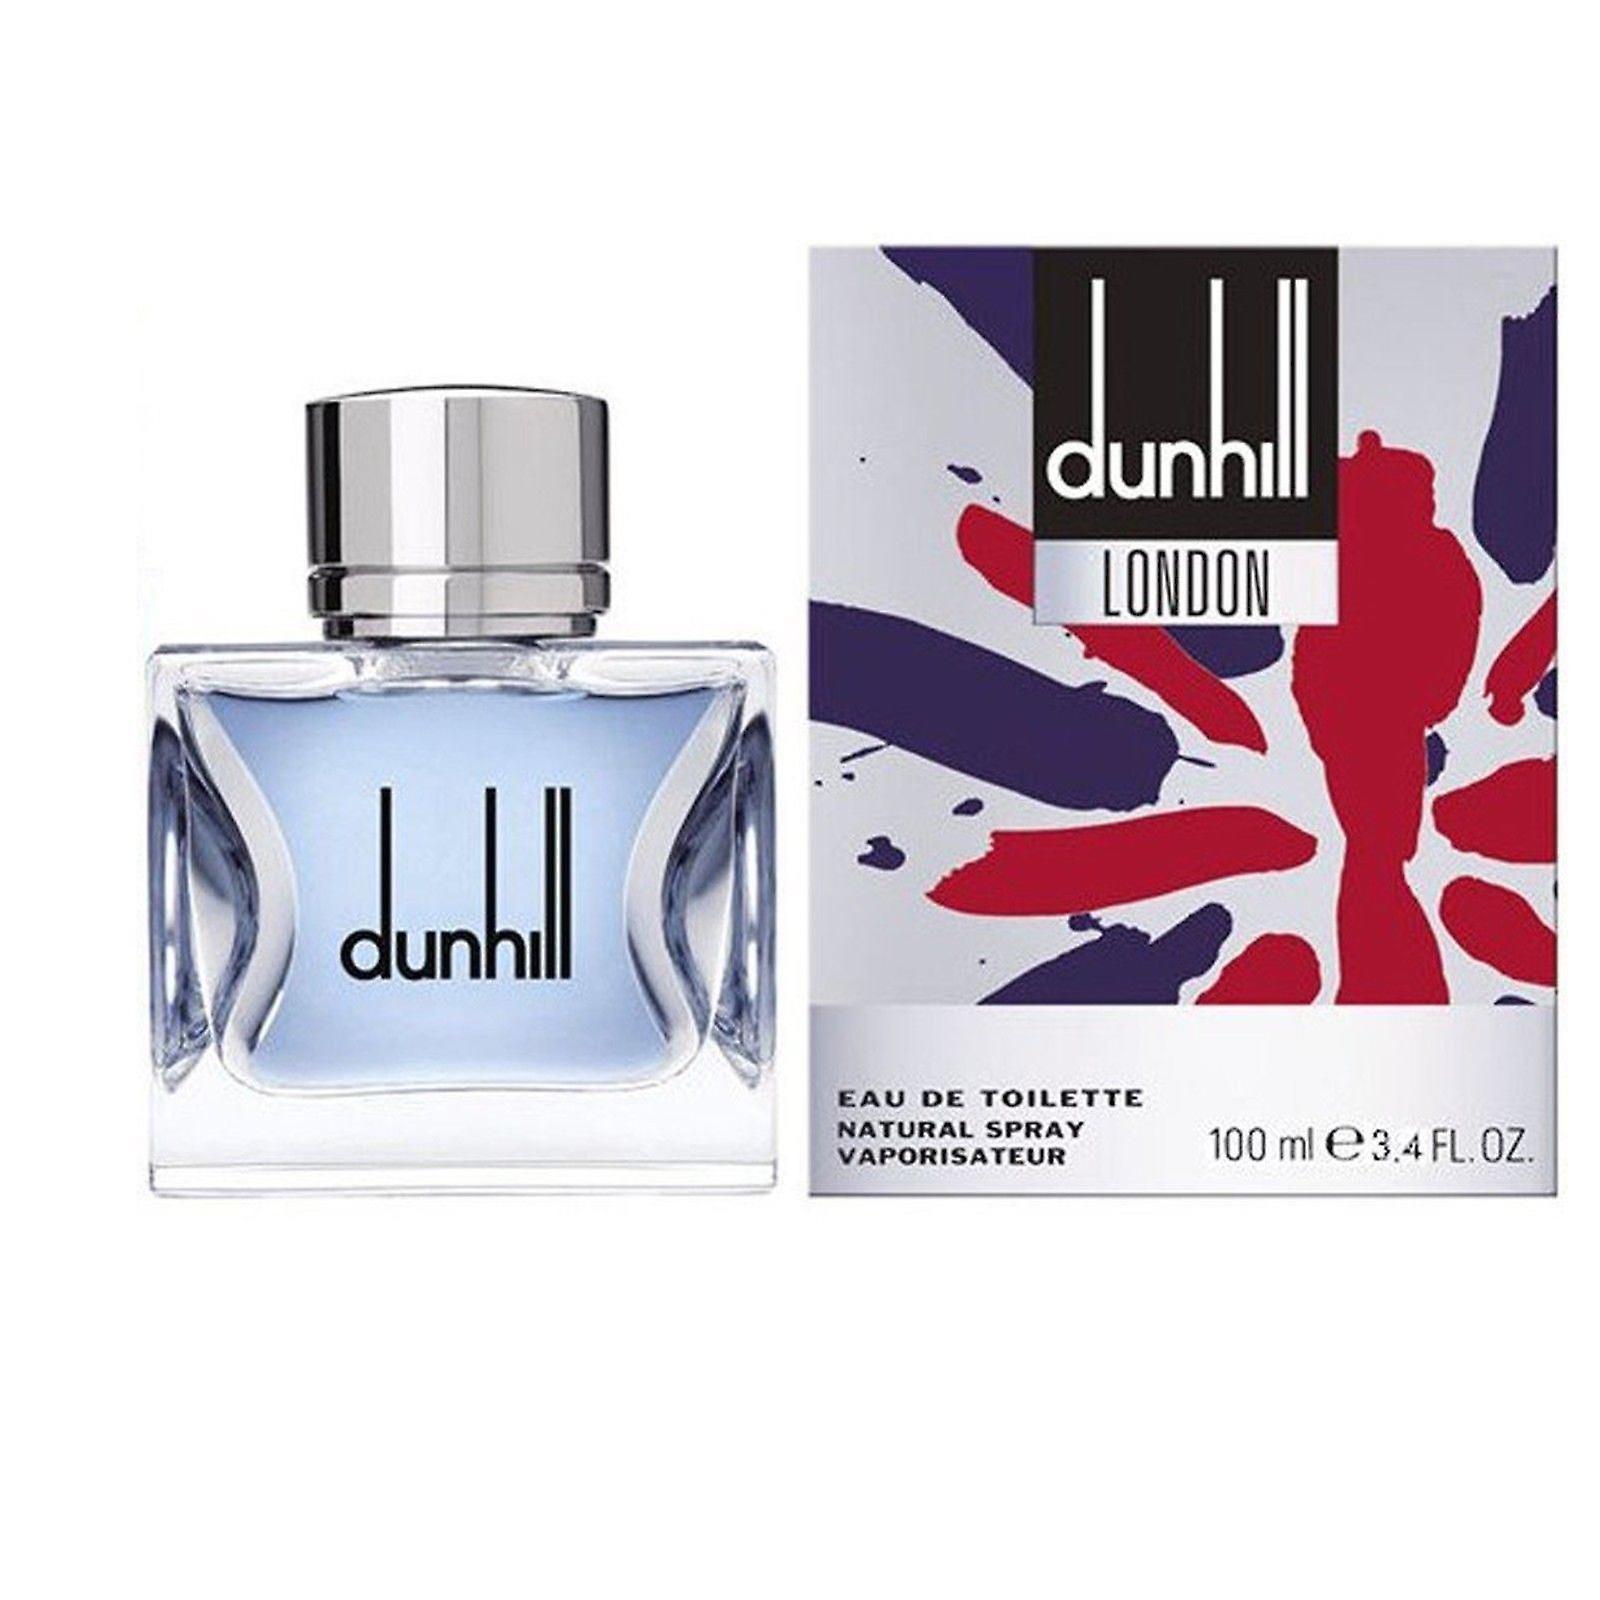 Dunhill London Eau de Toilette Spray 100ml